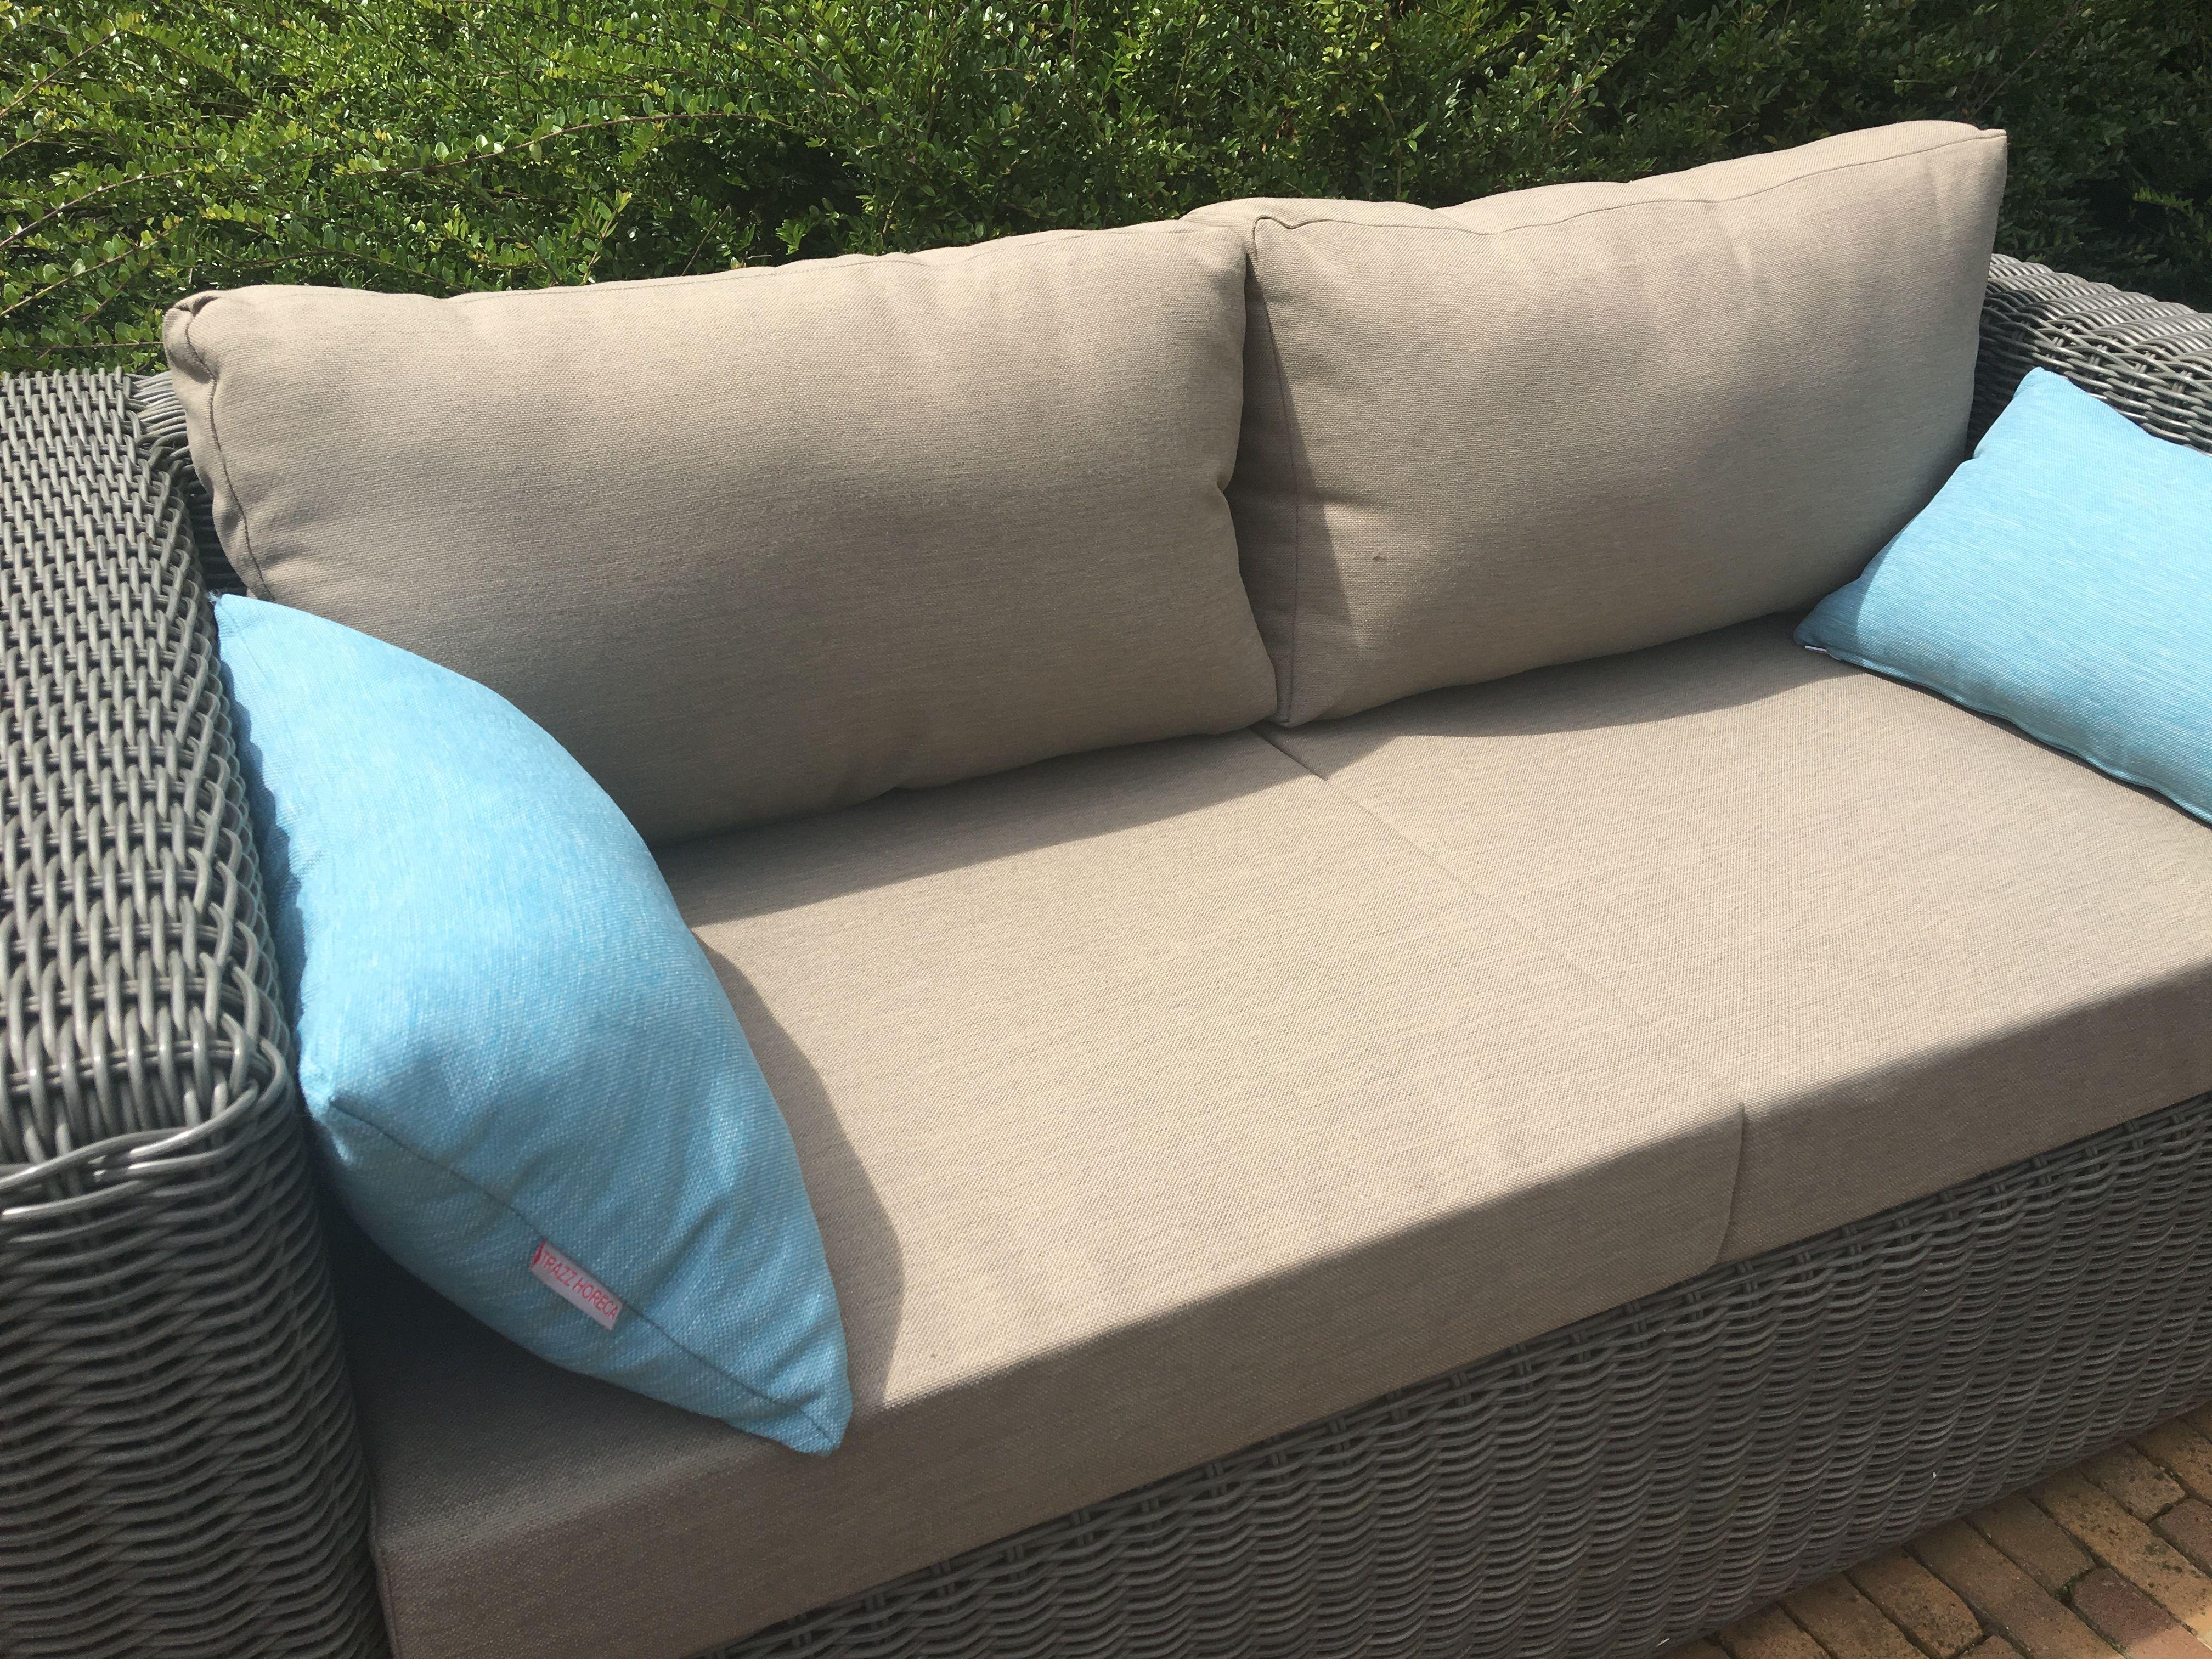 Loungebank kussens op maat gemaakt in sunproof stof lounge bank